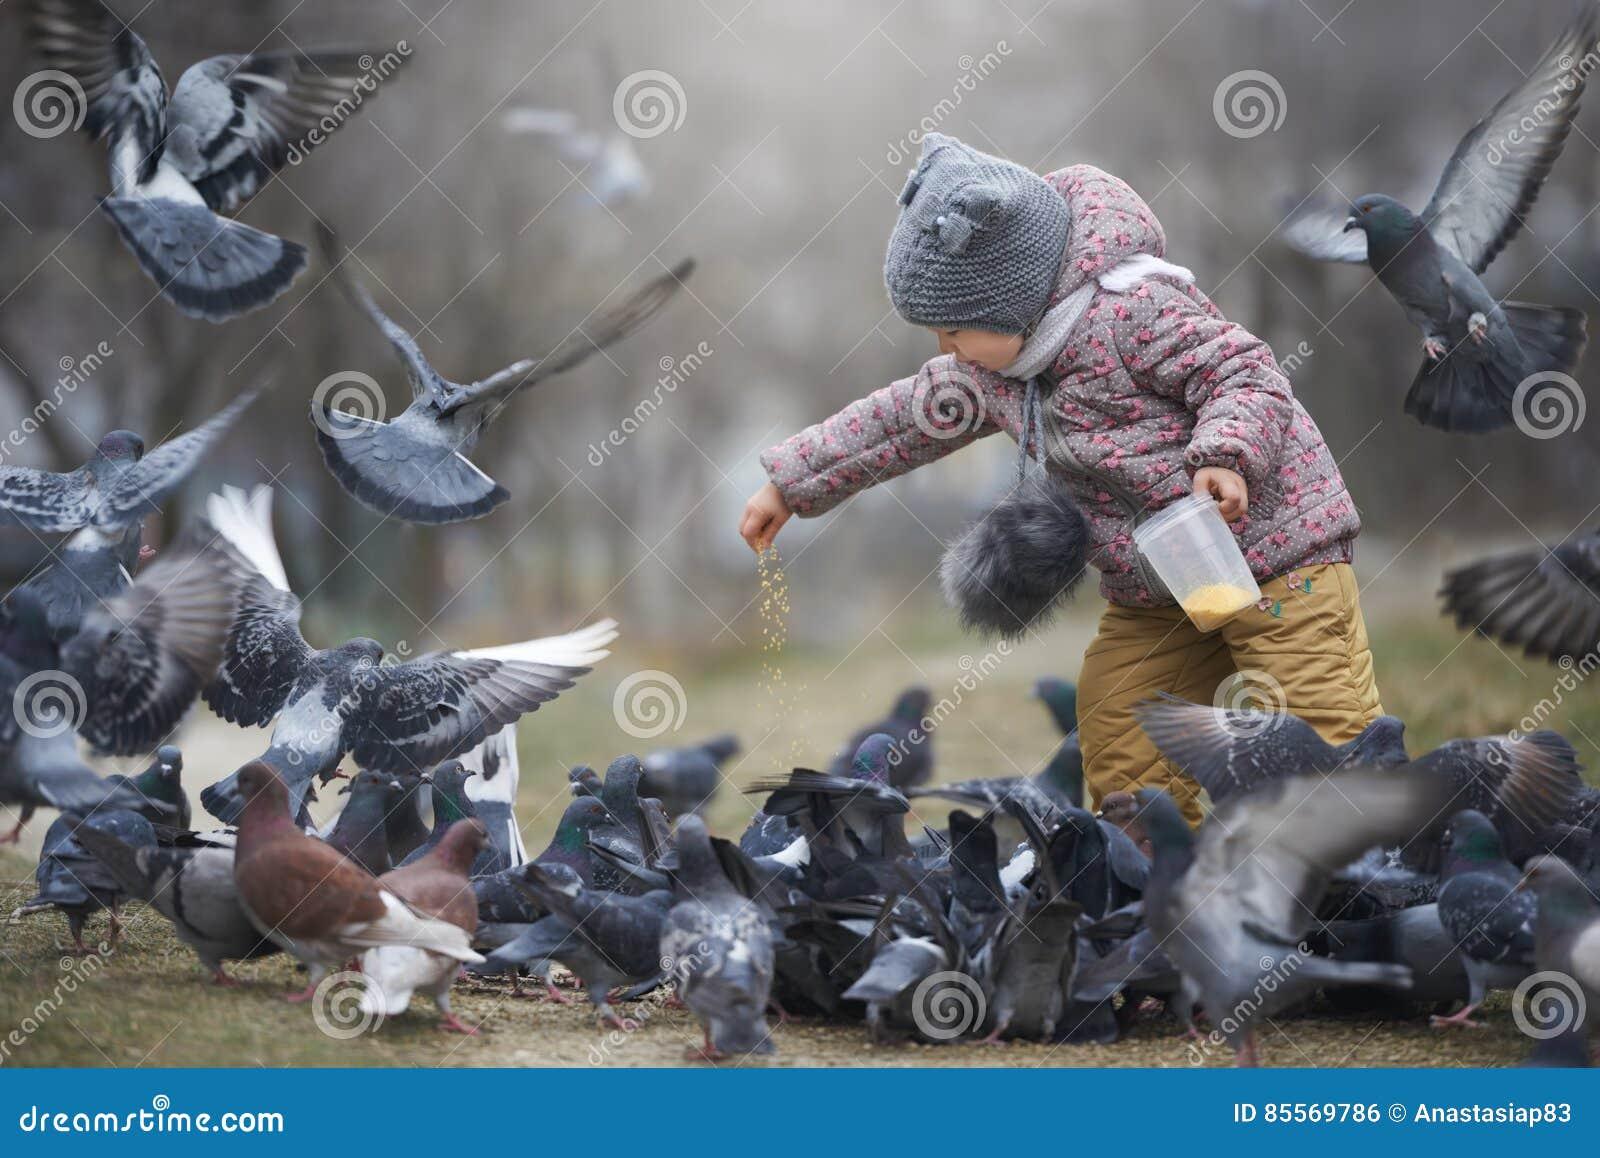 Alimentação de crianças uma multidão de cinza e dois pombos marrons